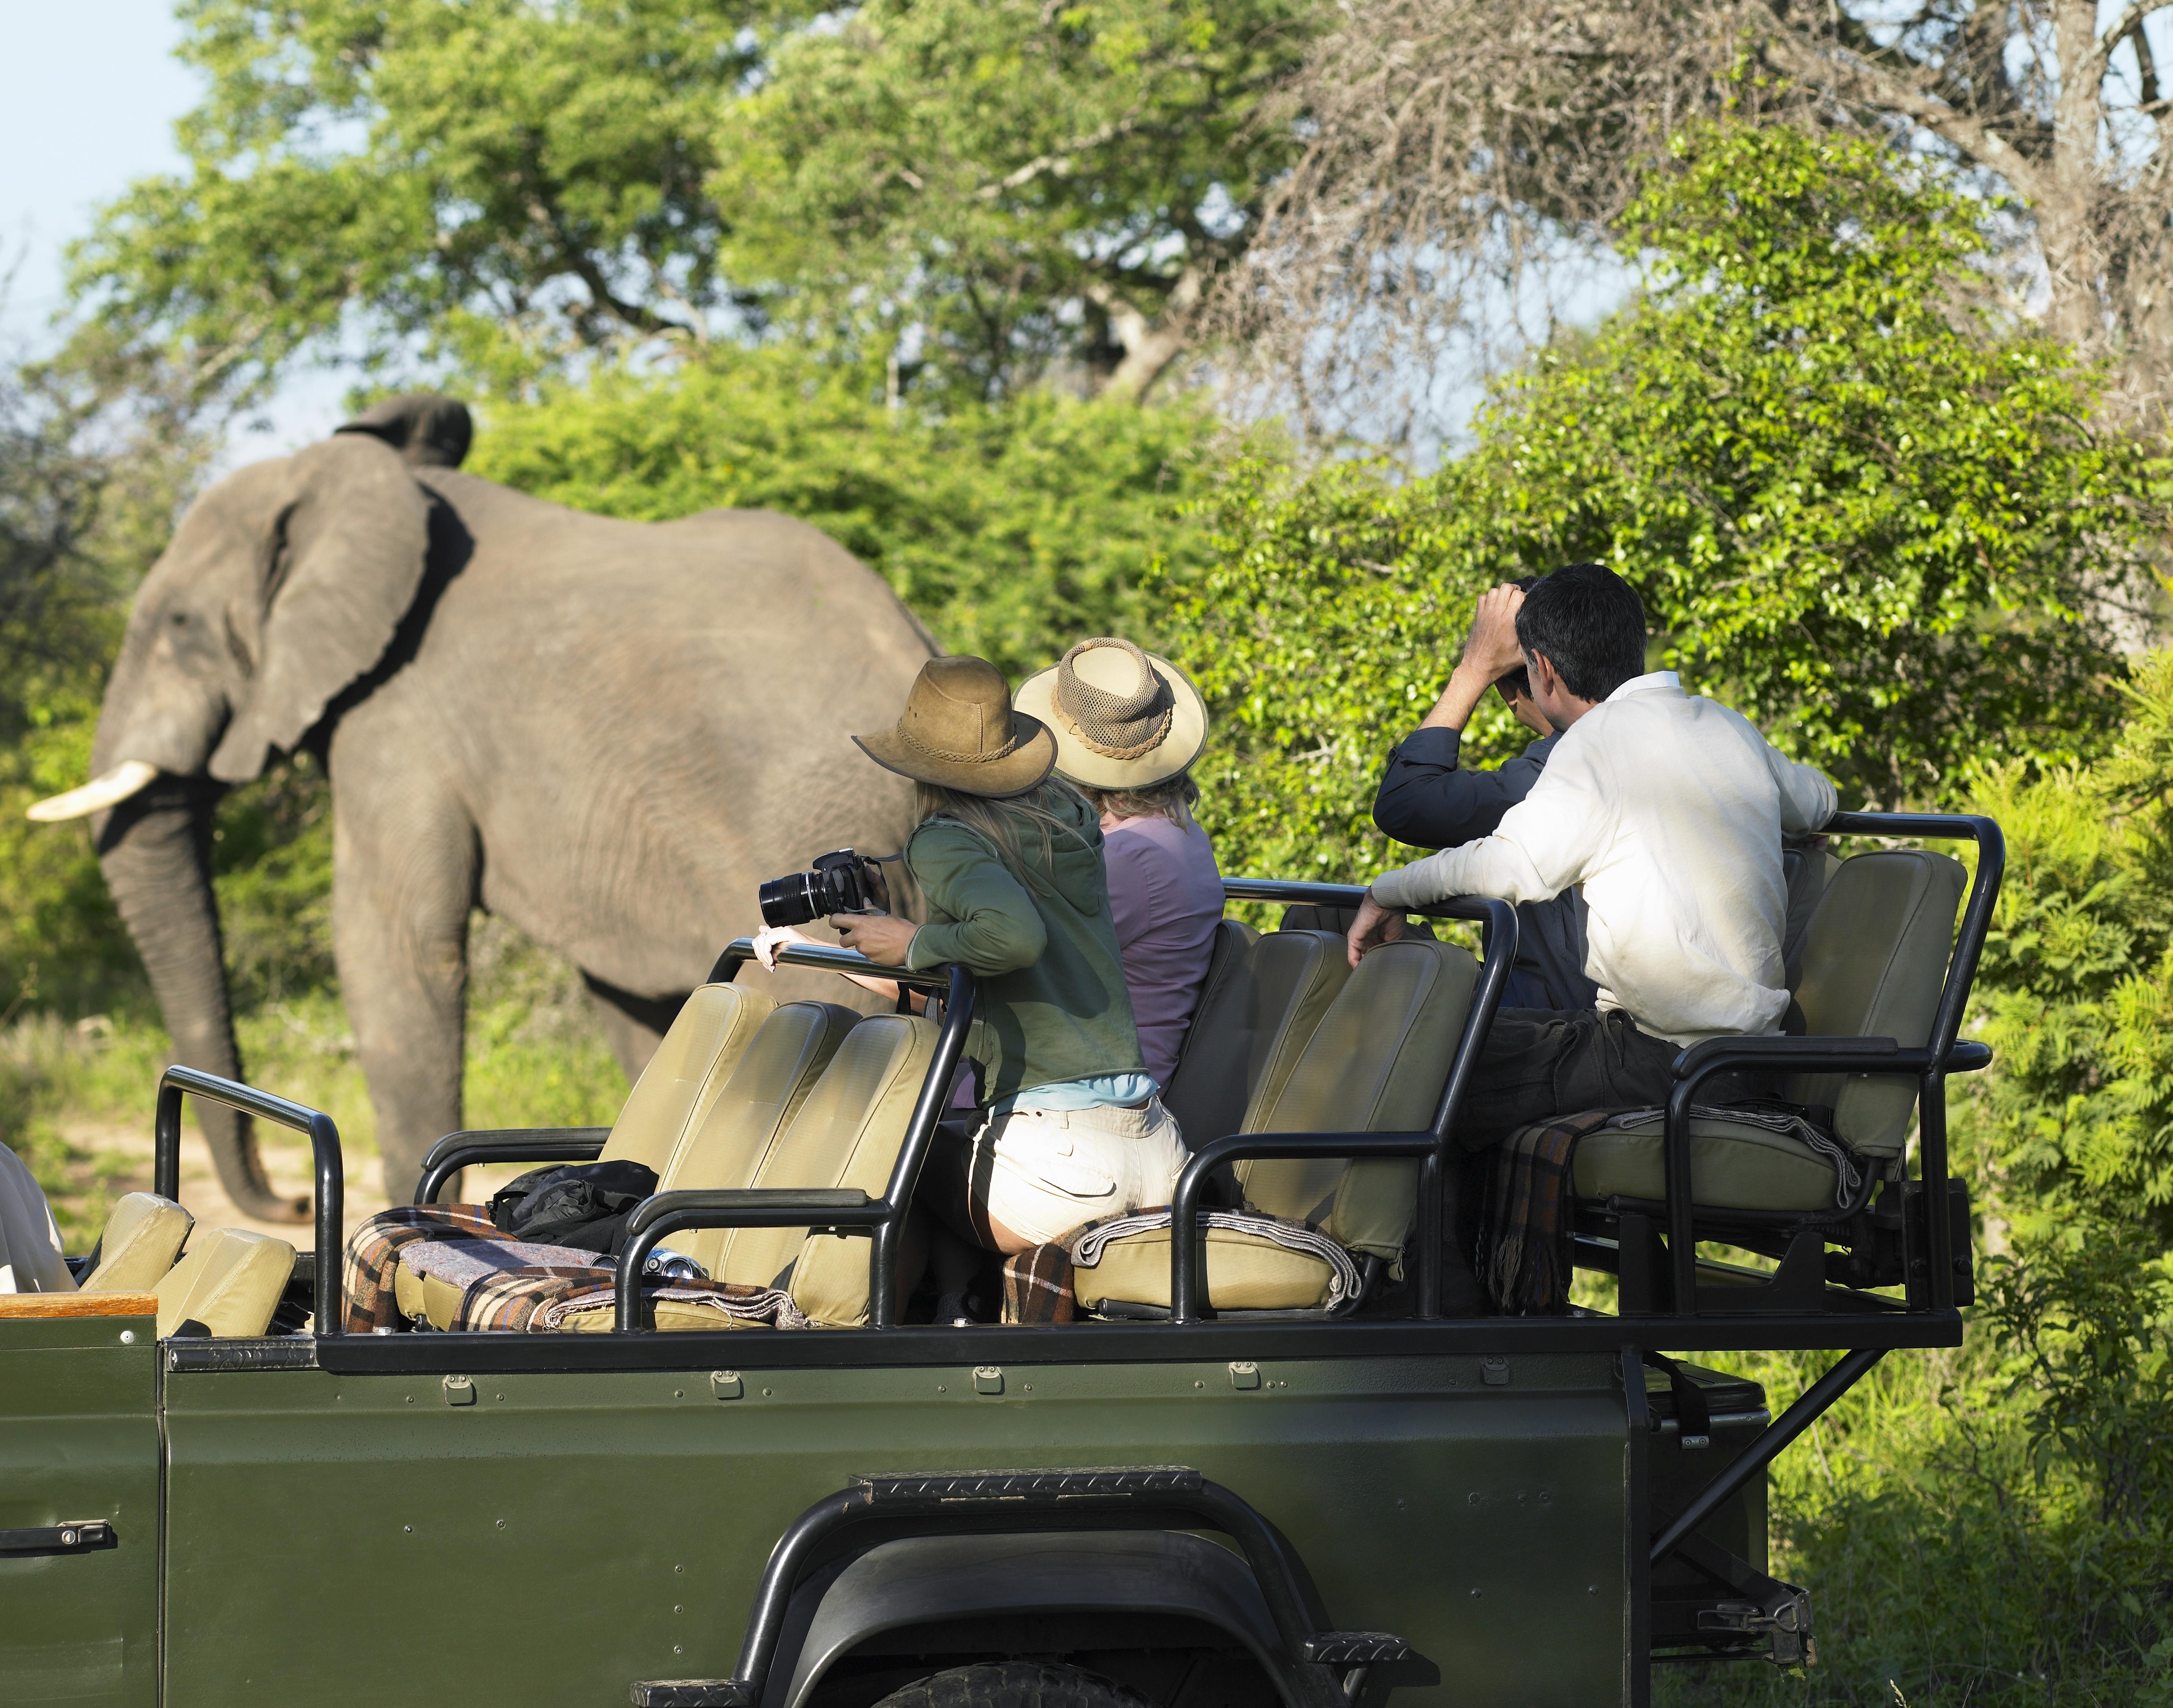 Safari-jeep-photo